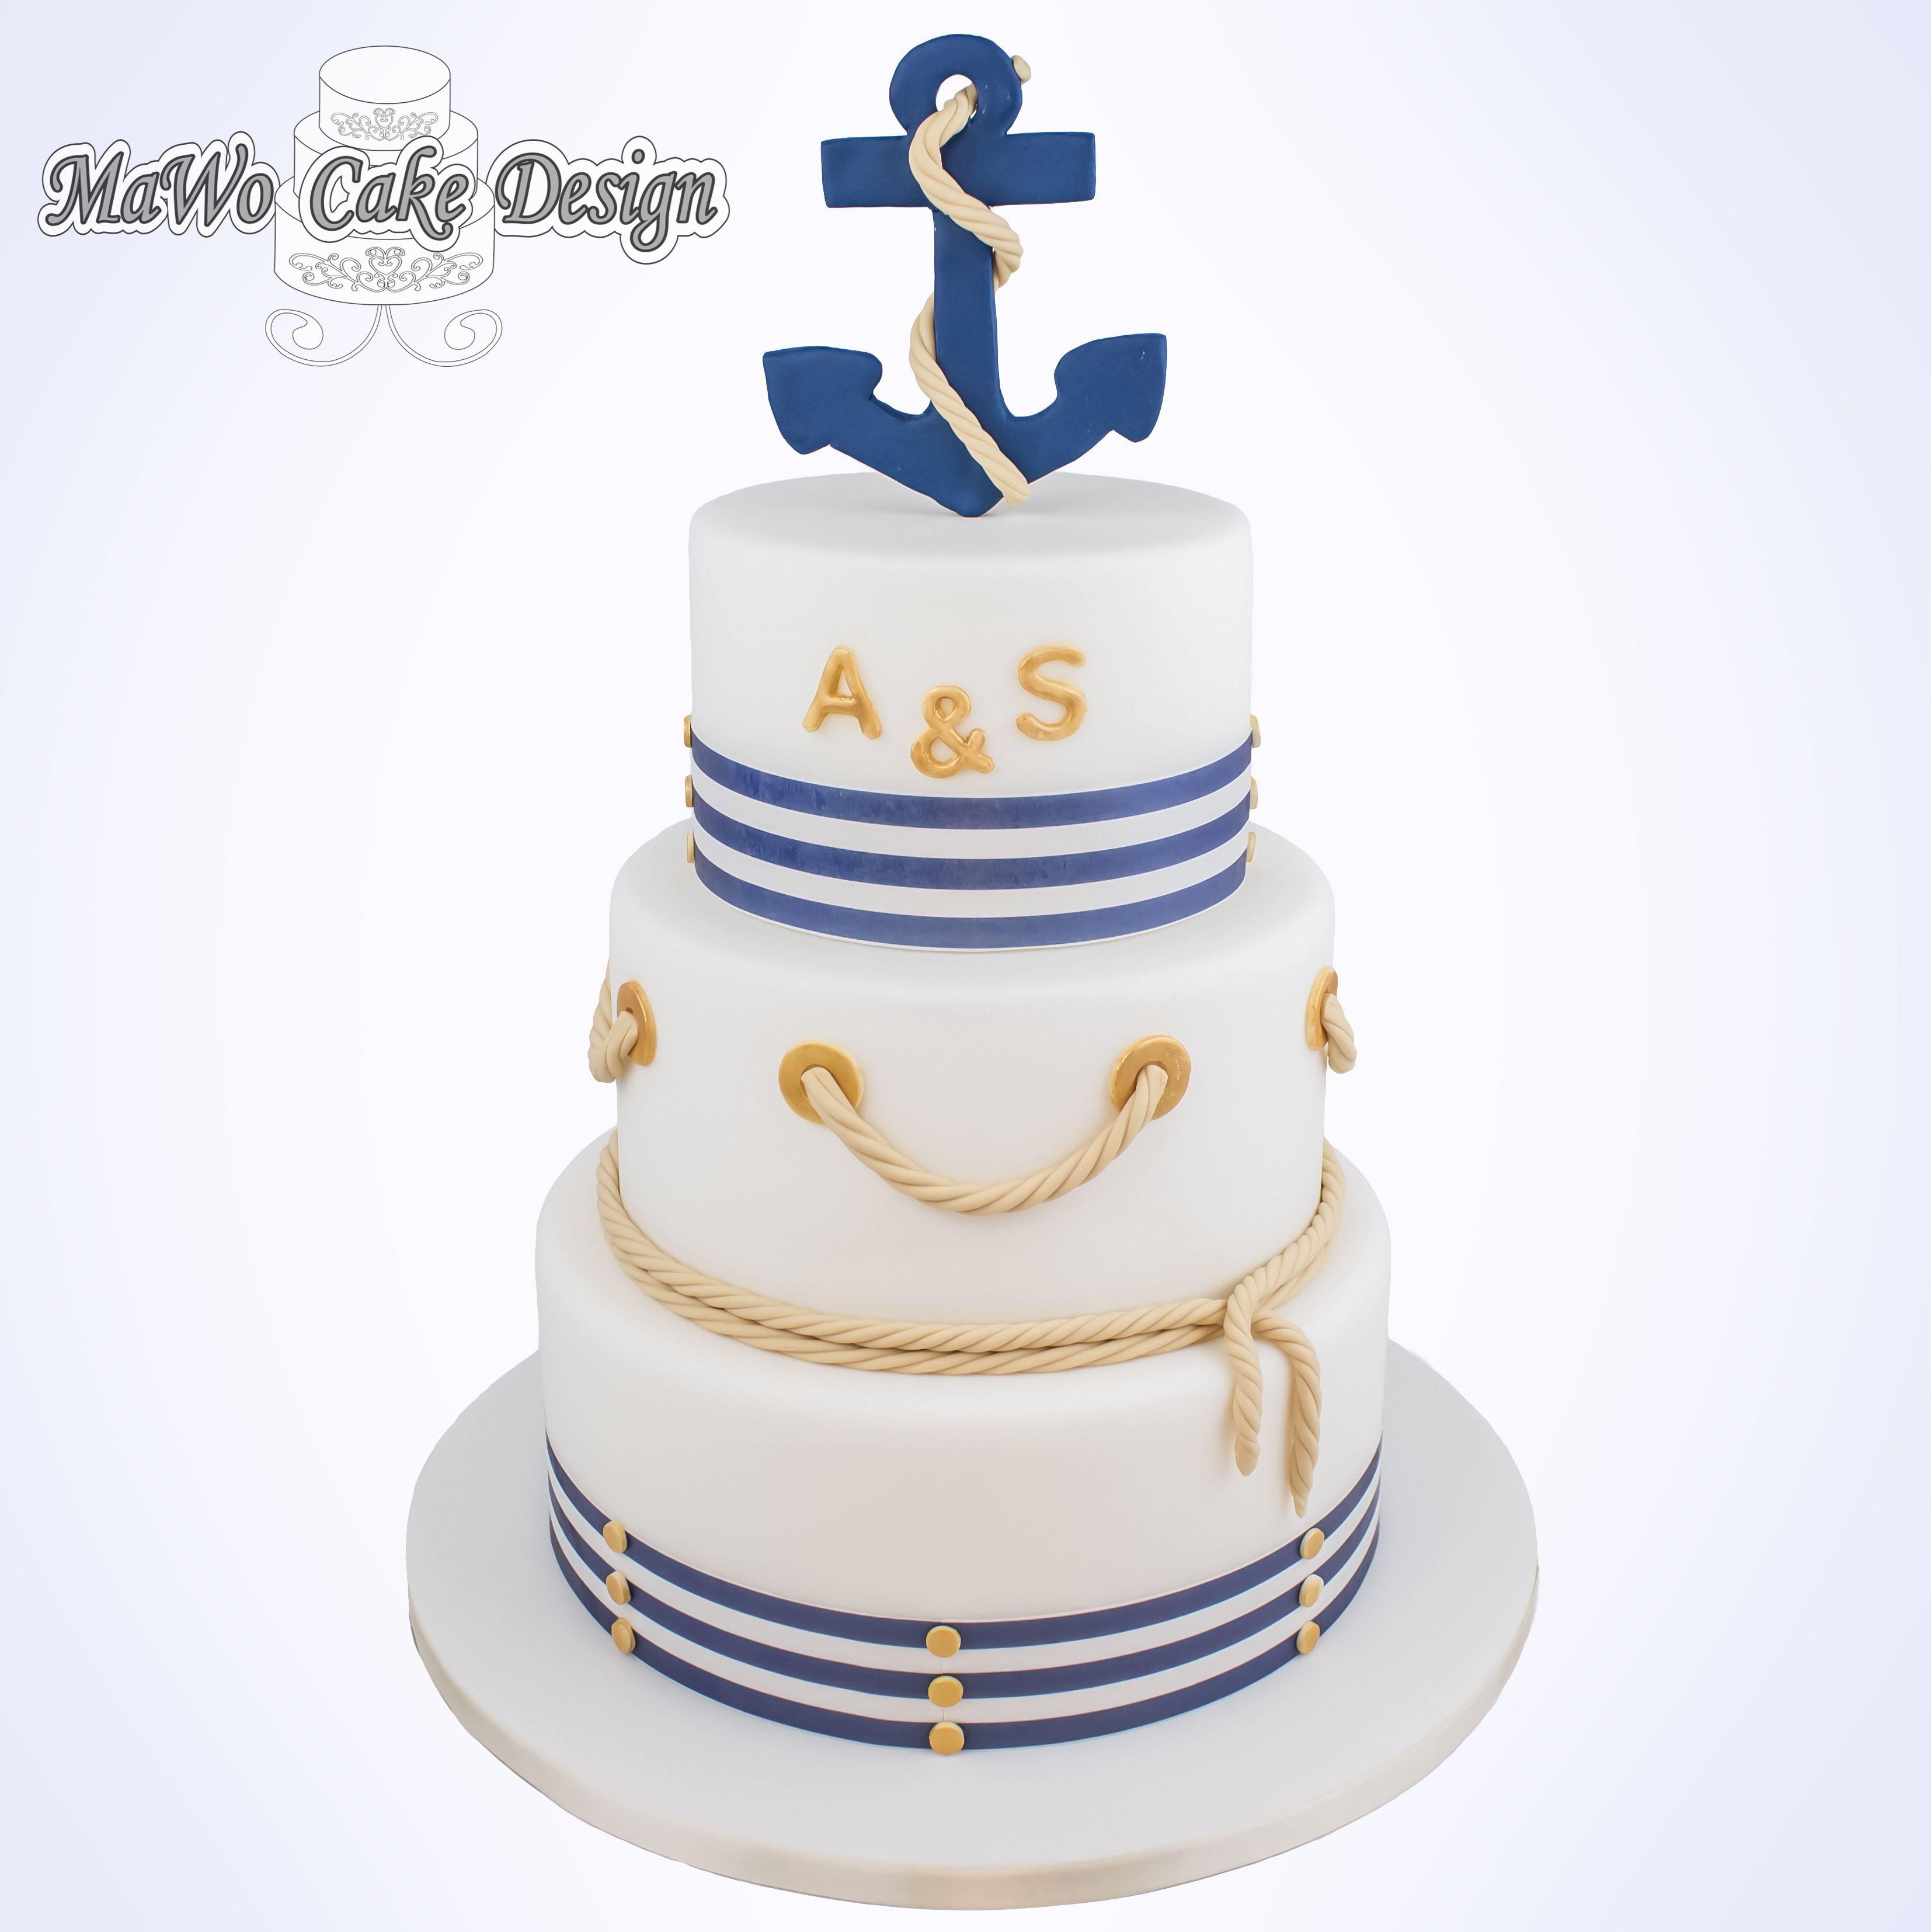 Hochzeitstorte Anker bei MaWo Cake Design in Süderbrarup